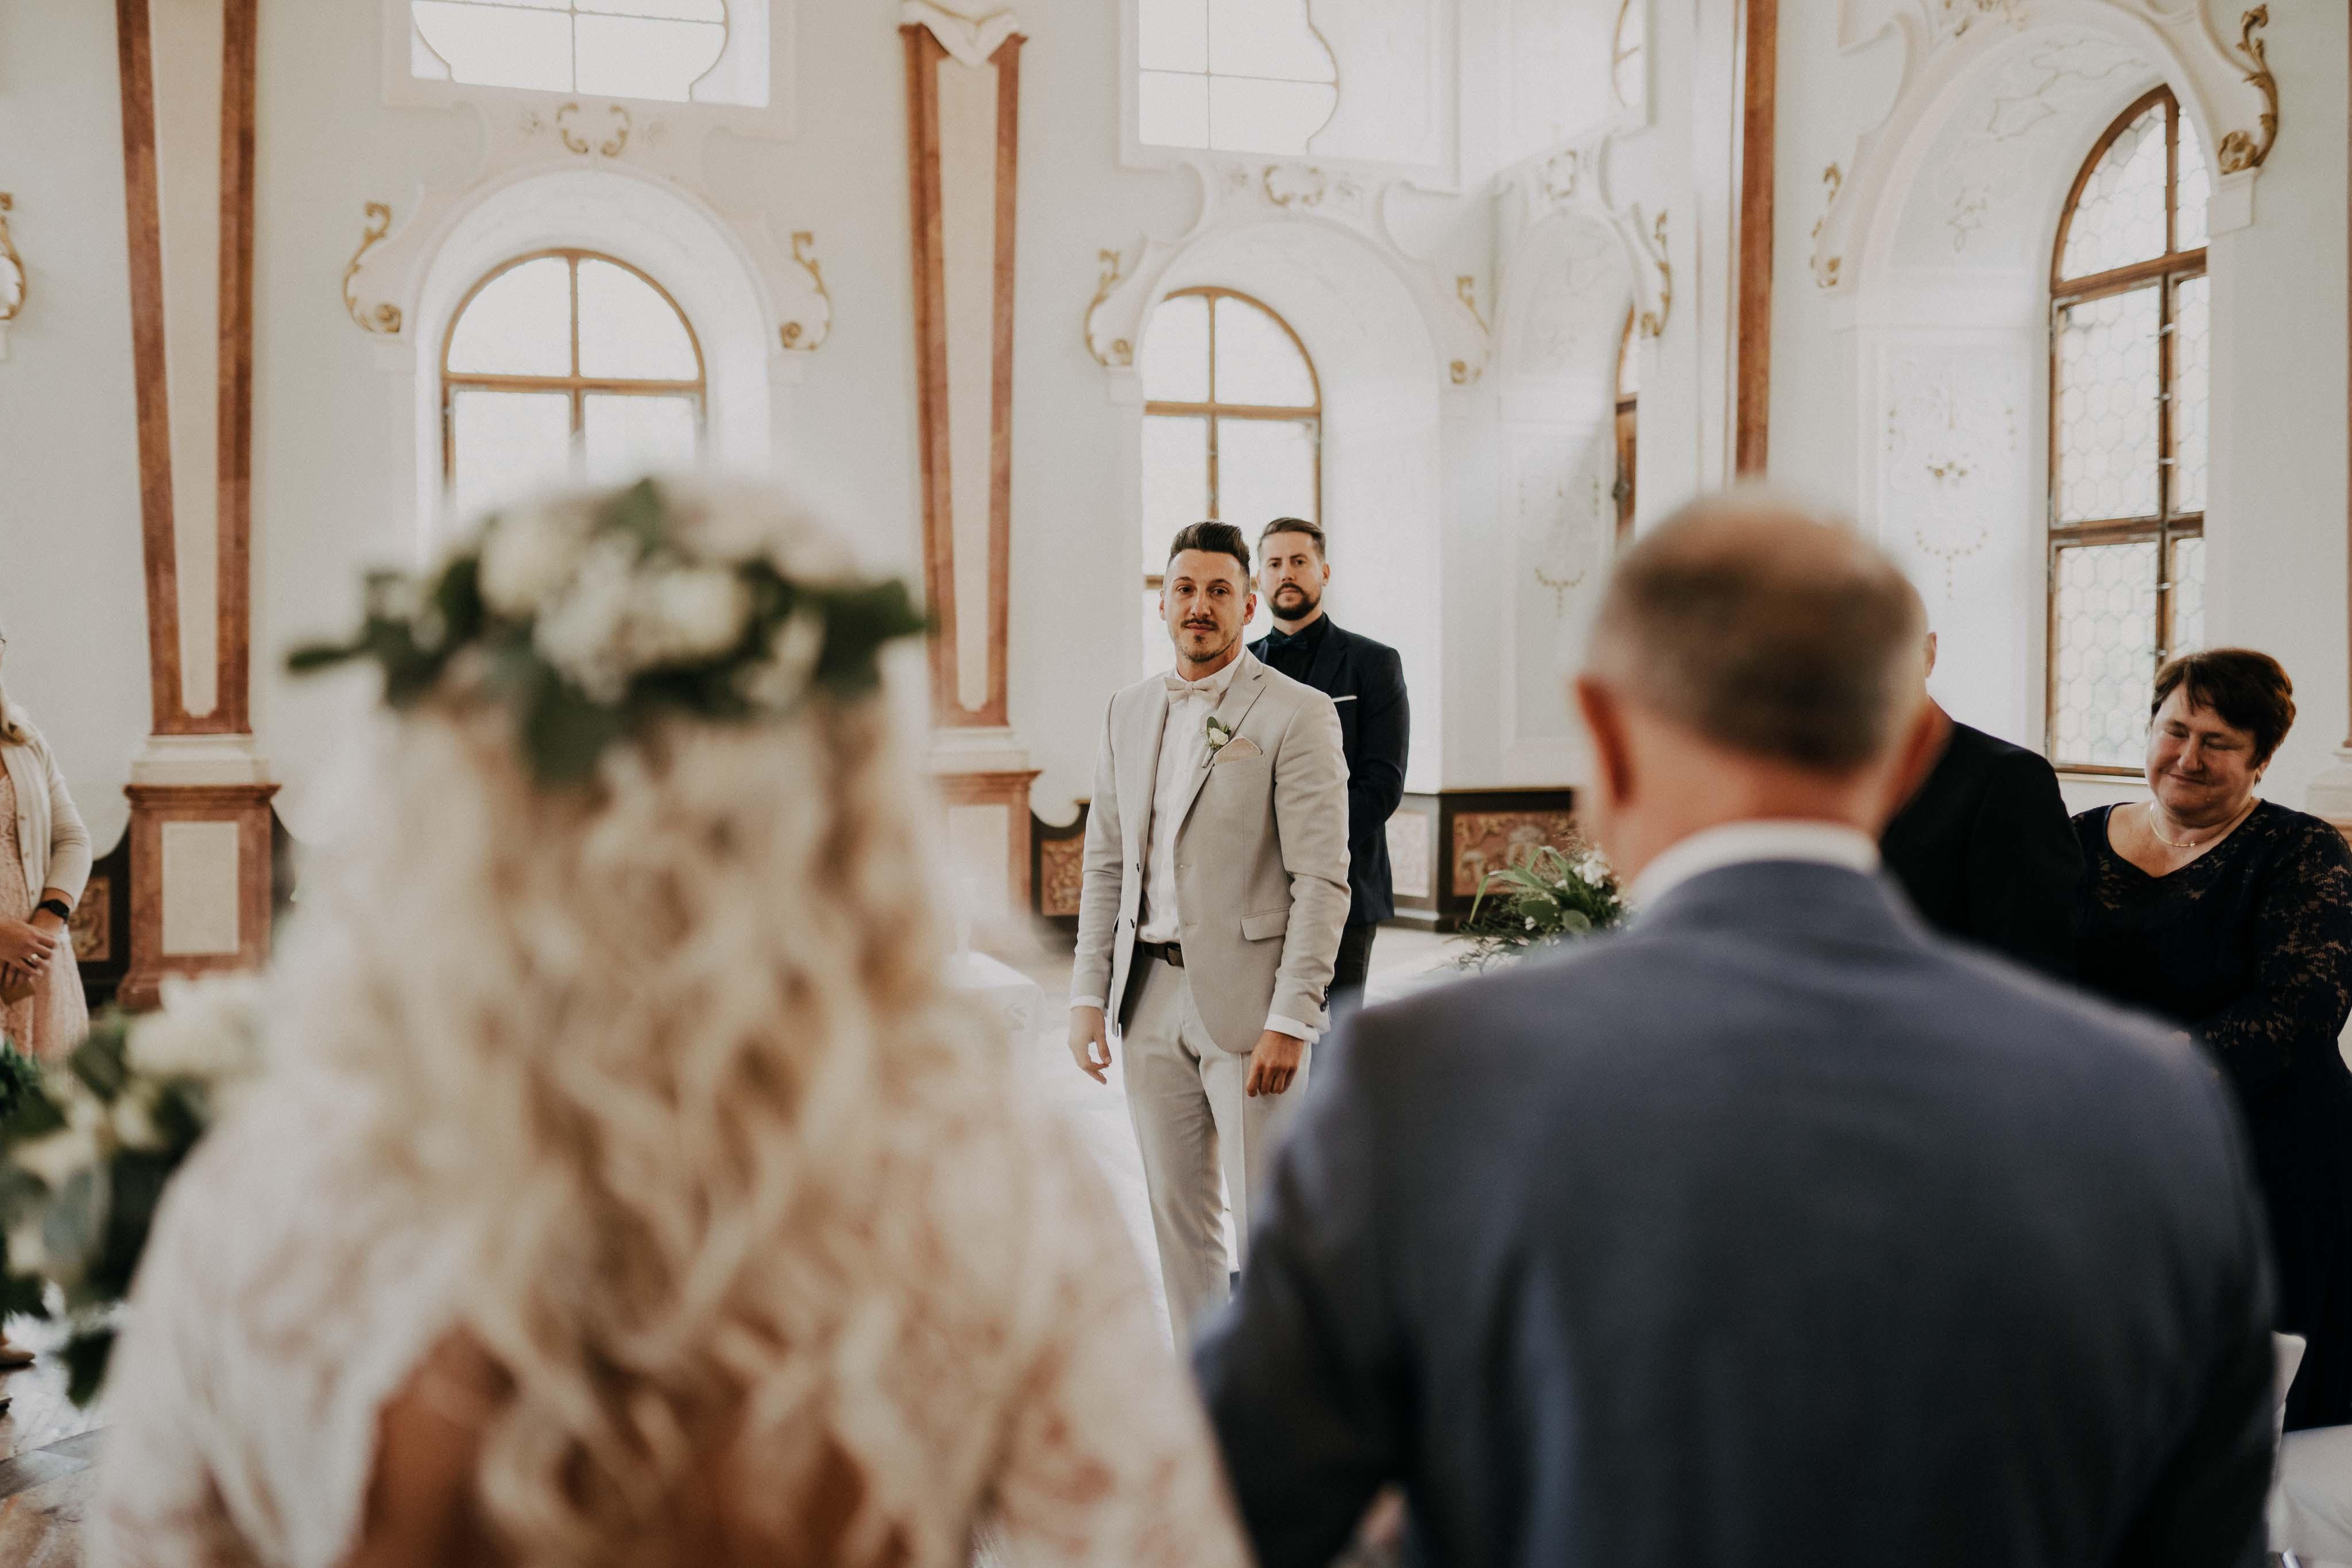 Der Bräutigam erblickt seine Braut, die von ihrem Vater zum Altar geführt wird.